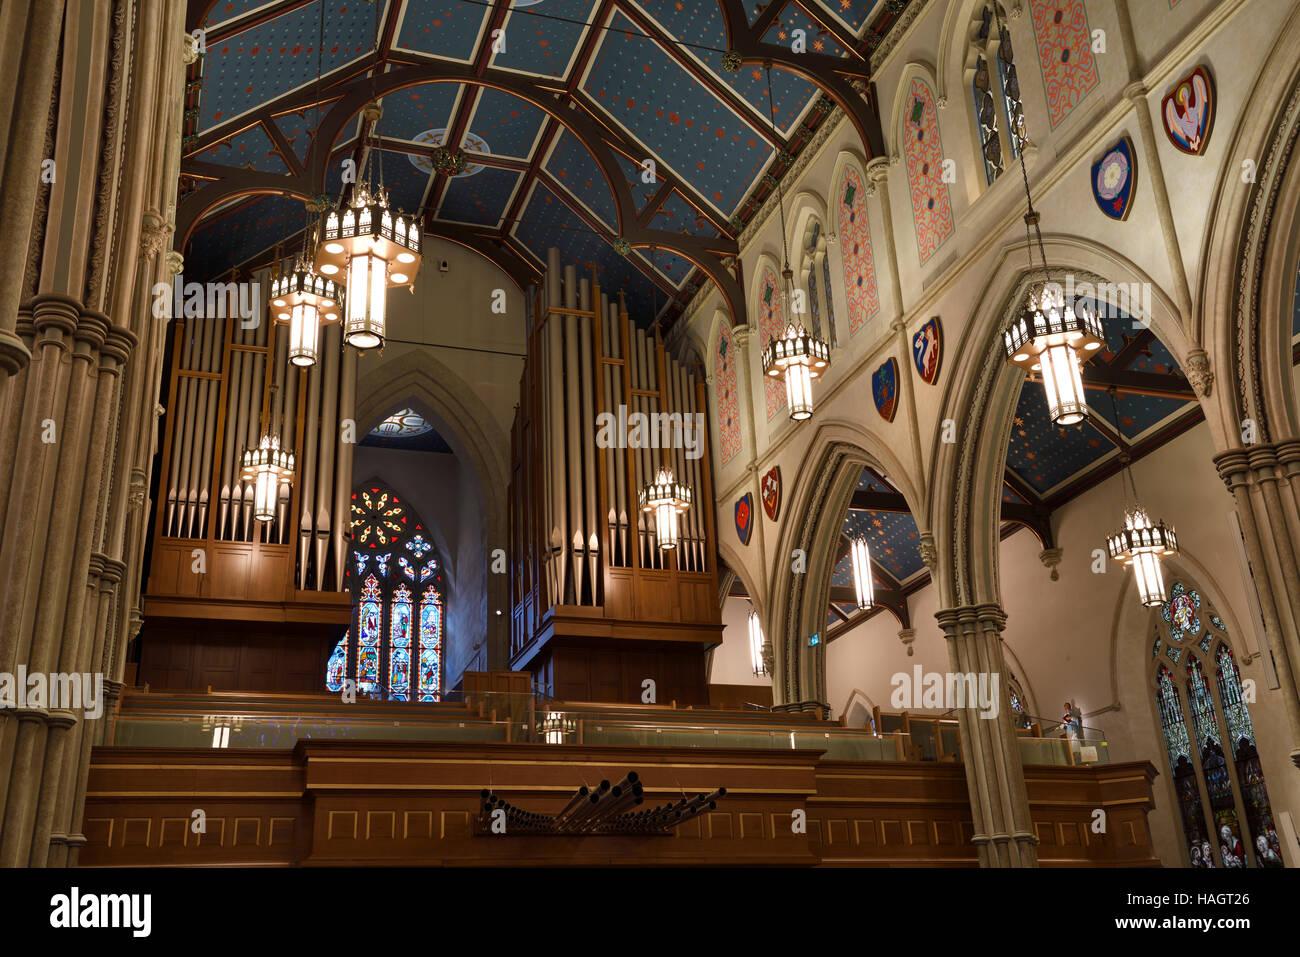 Il nuovo organo a canne nel coro di San Michele Basilica Cattedrale di Toronto Immagini Stock